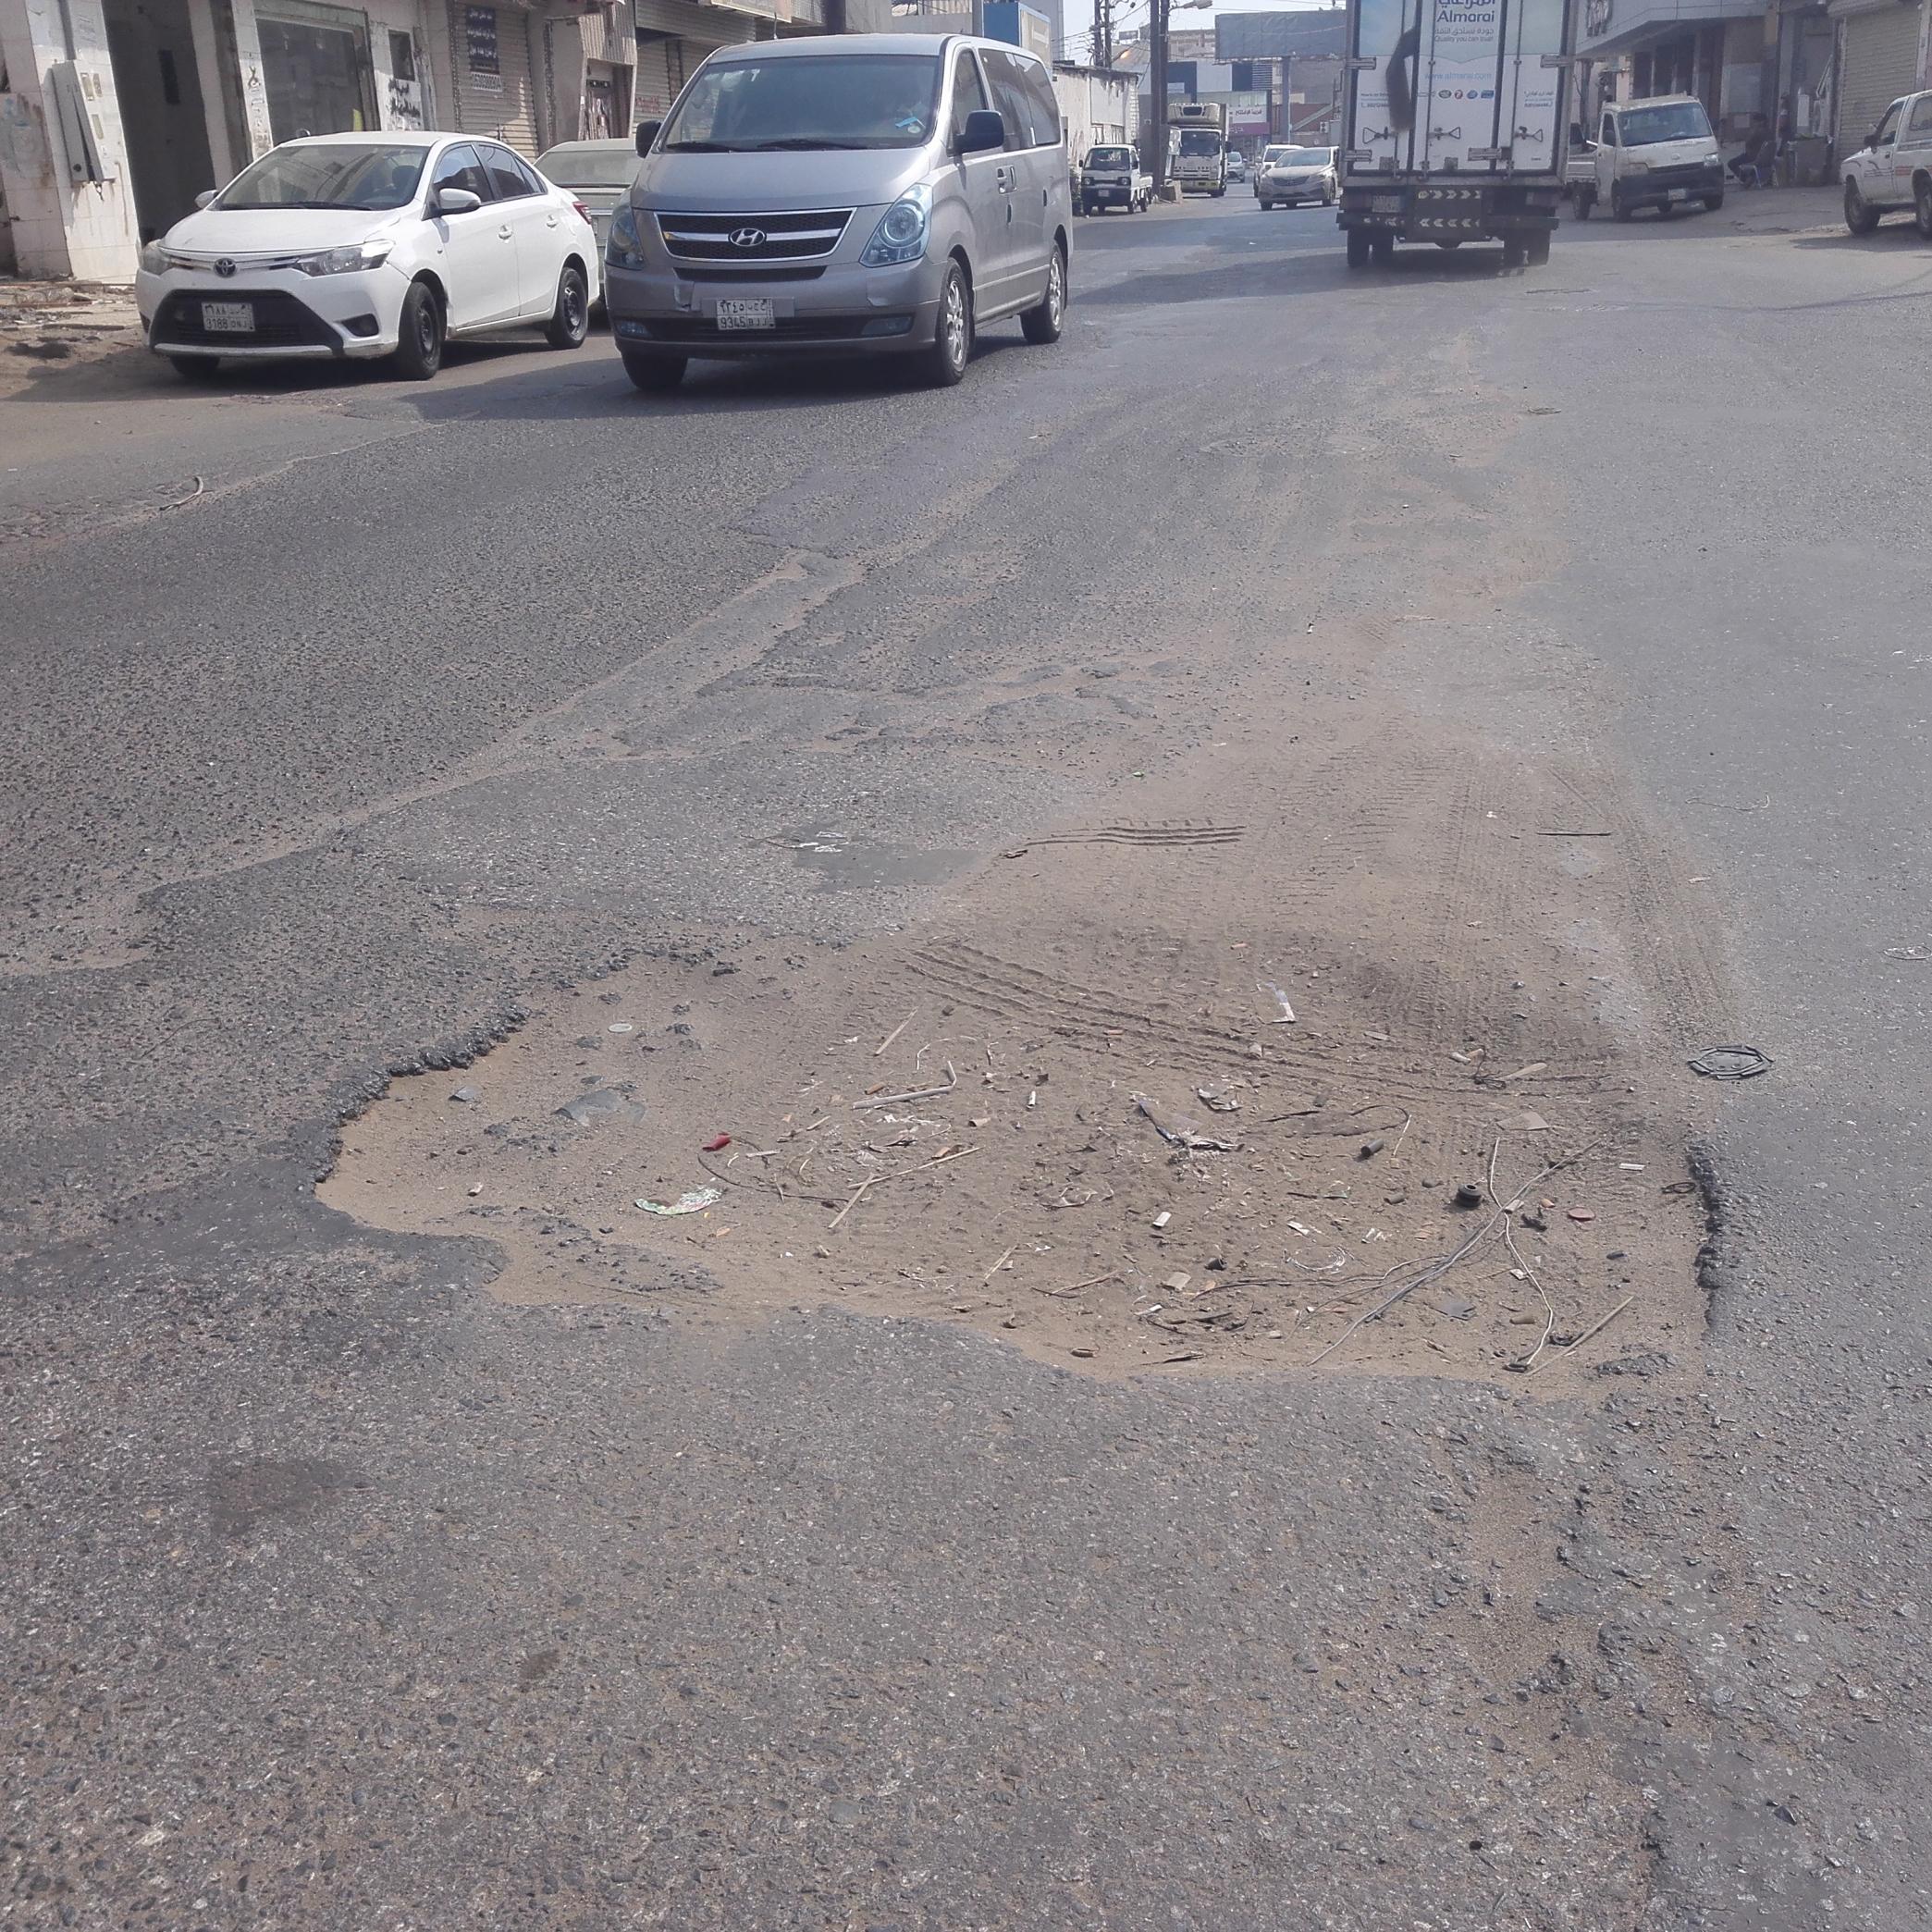 حفريات شارع الصديق بـ صامطة تهدد المارة وتتربص بالمركبات - المواطن